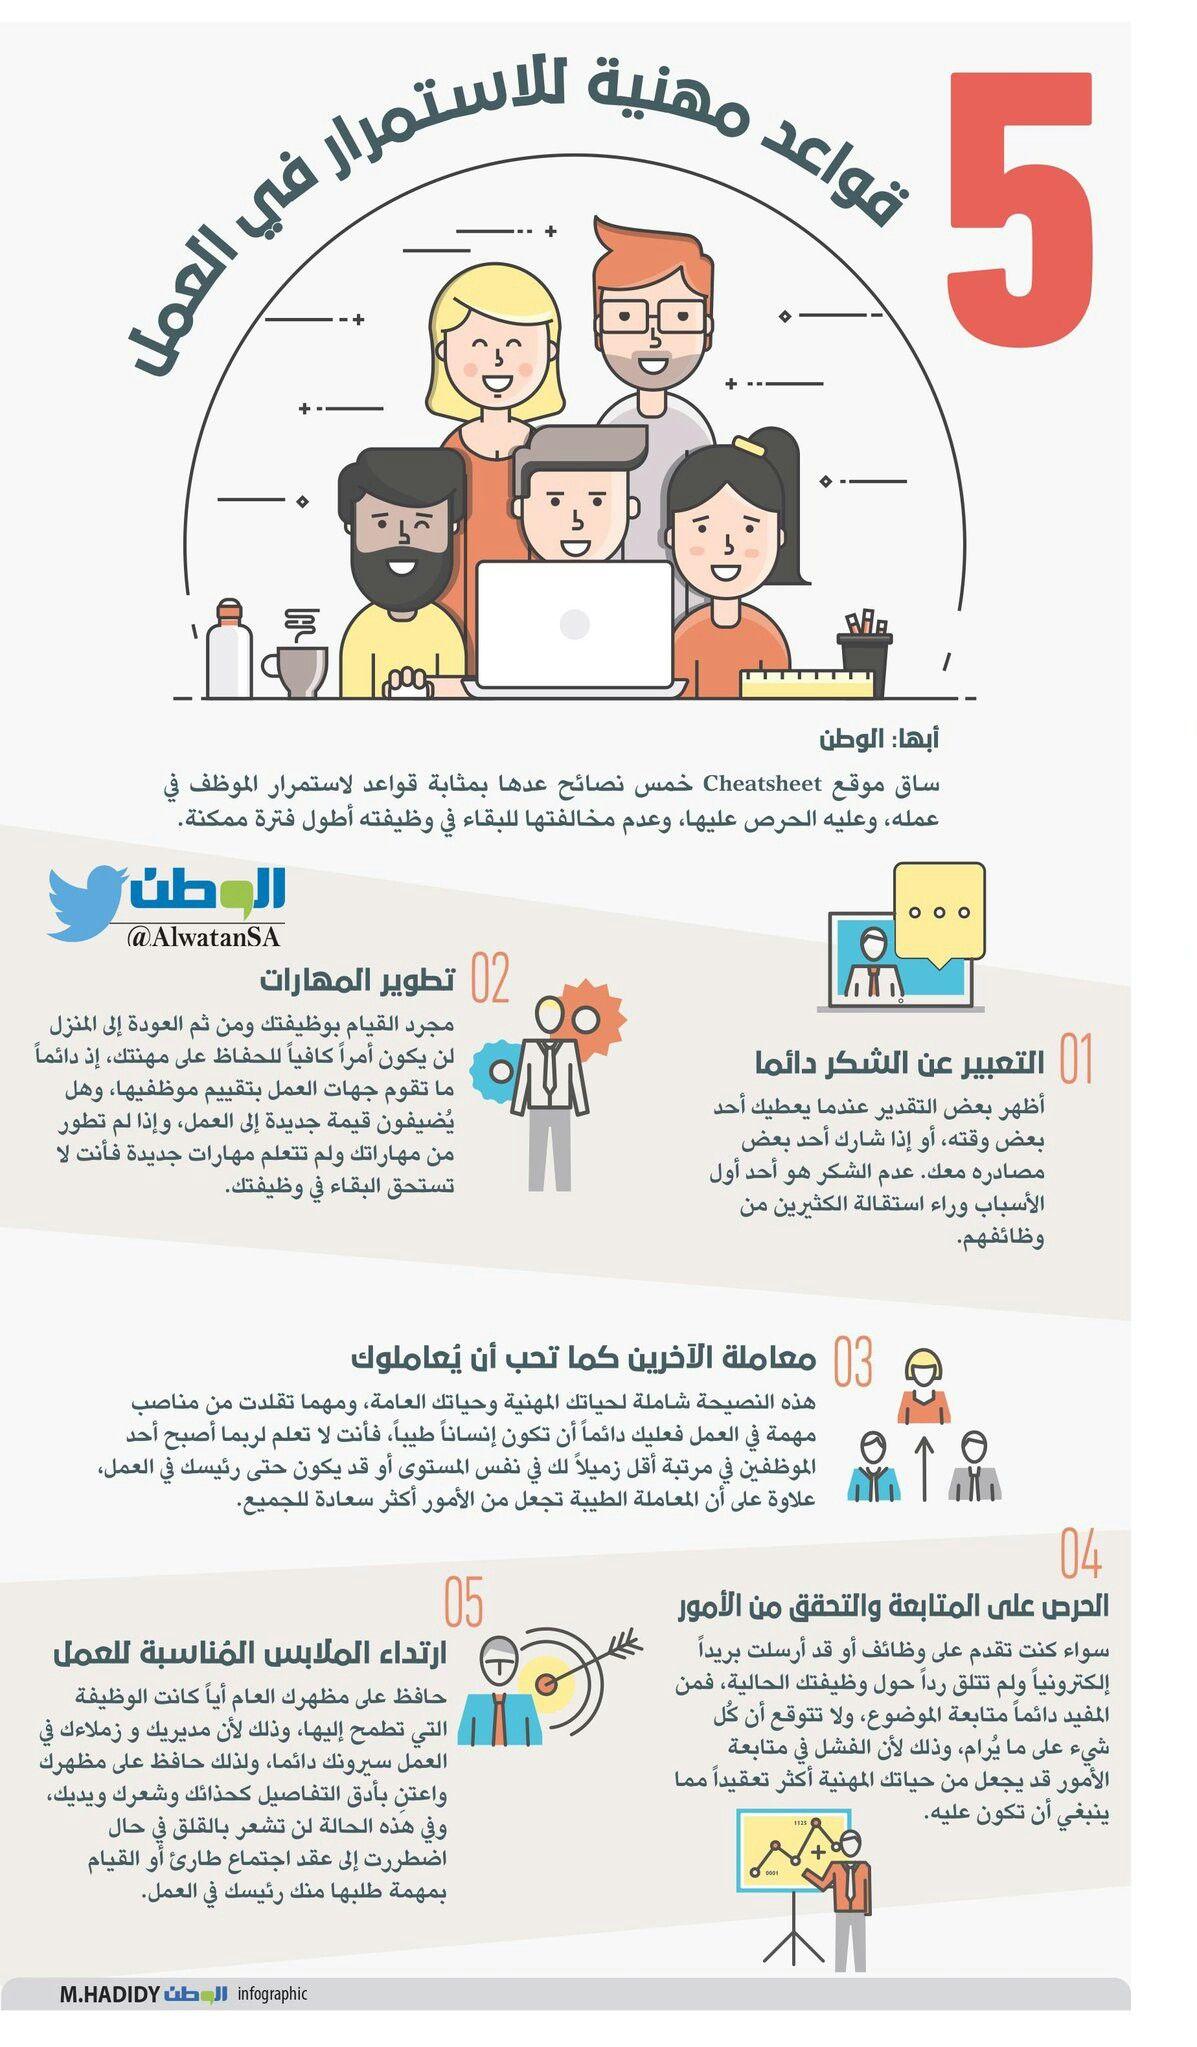 Pin By El Baihi Mohamed Salem On Organisation Du Droit Et De La Democratie Odd Ong Peanuts Comics Comics Story